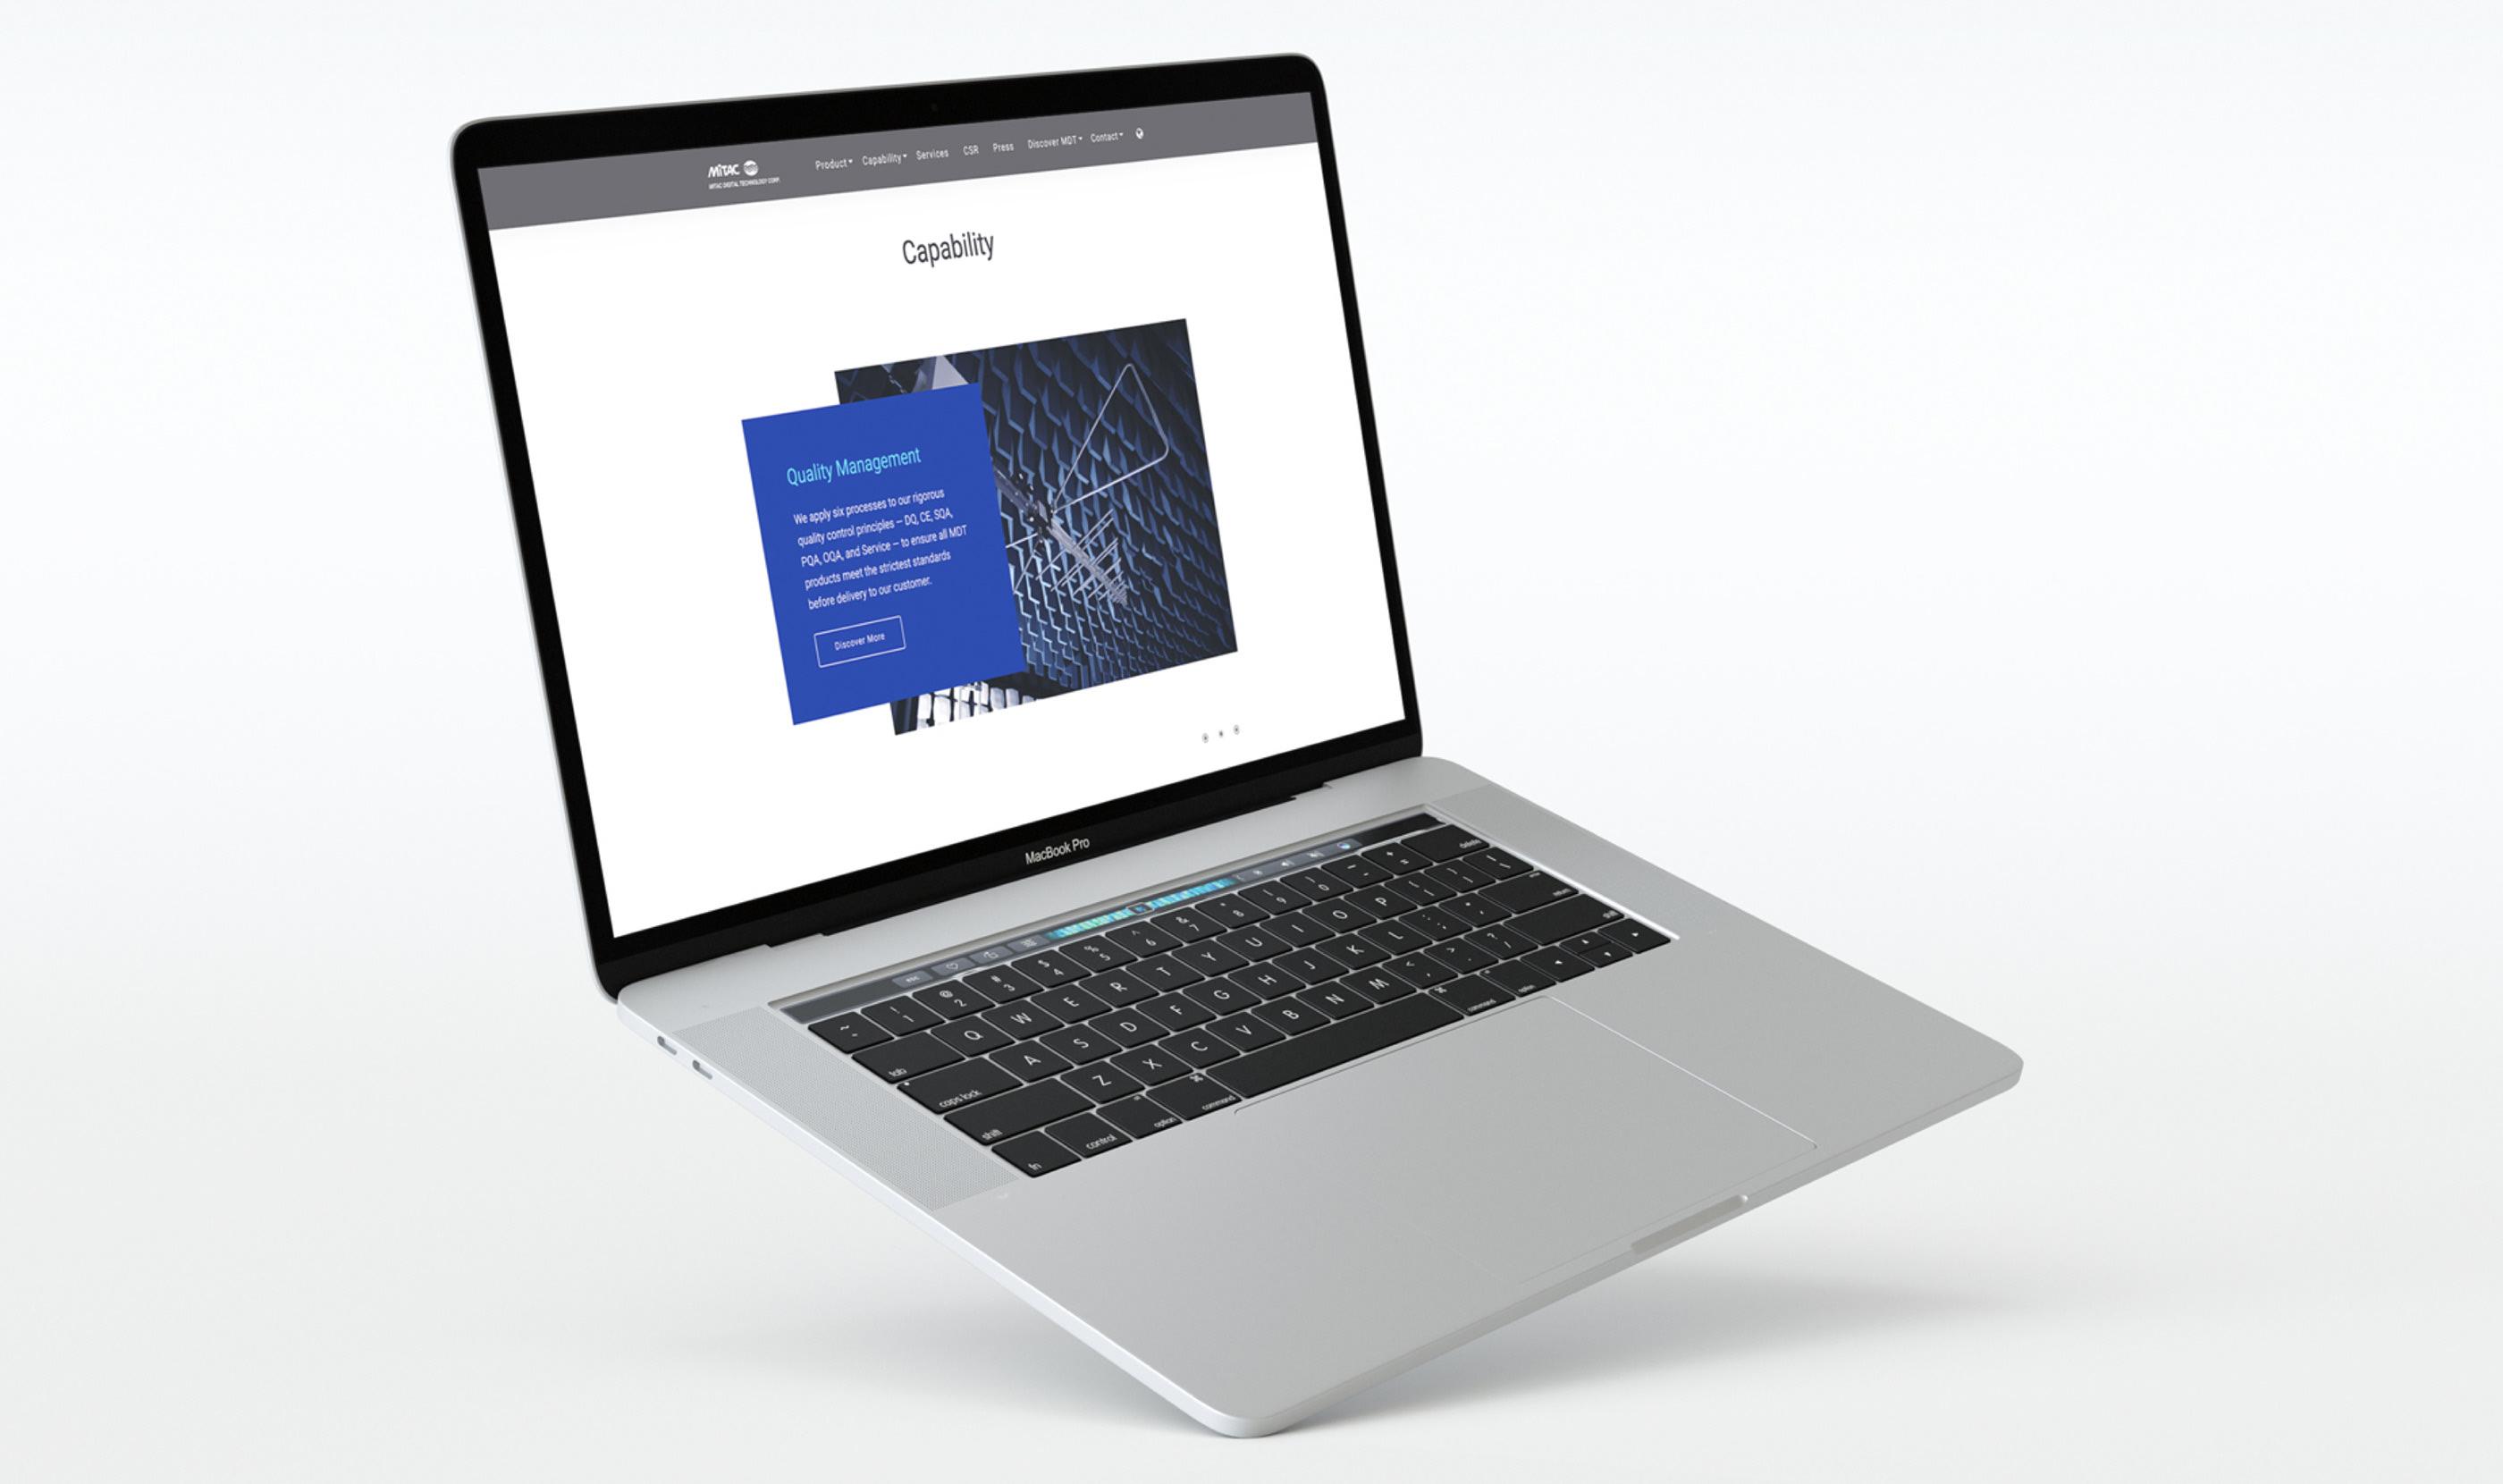 Mitac Laptops & Desktops Driver Download For Windows 10